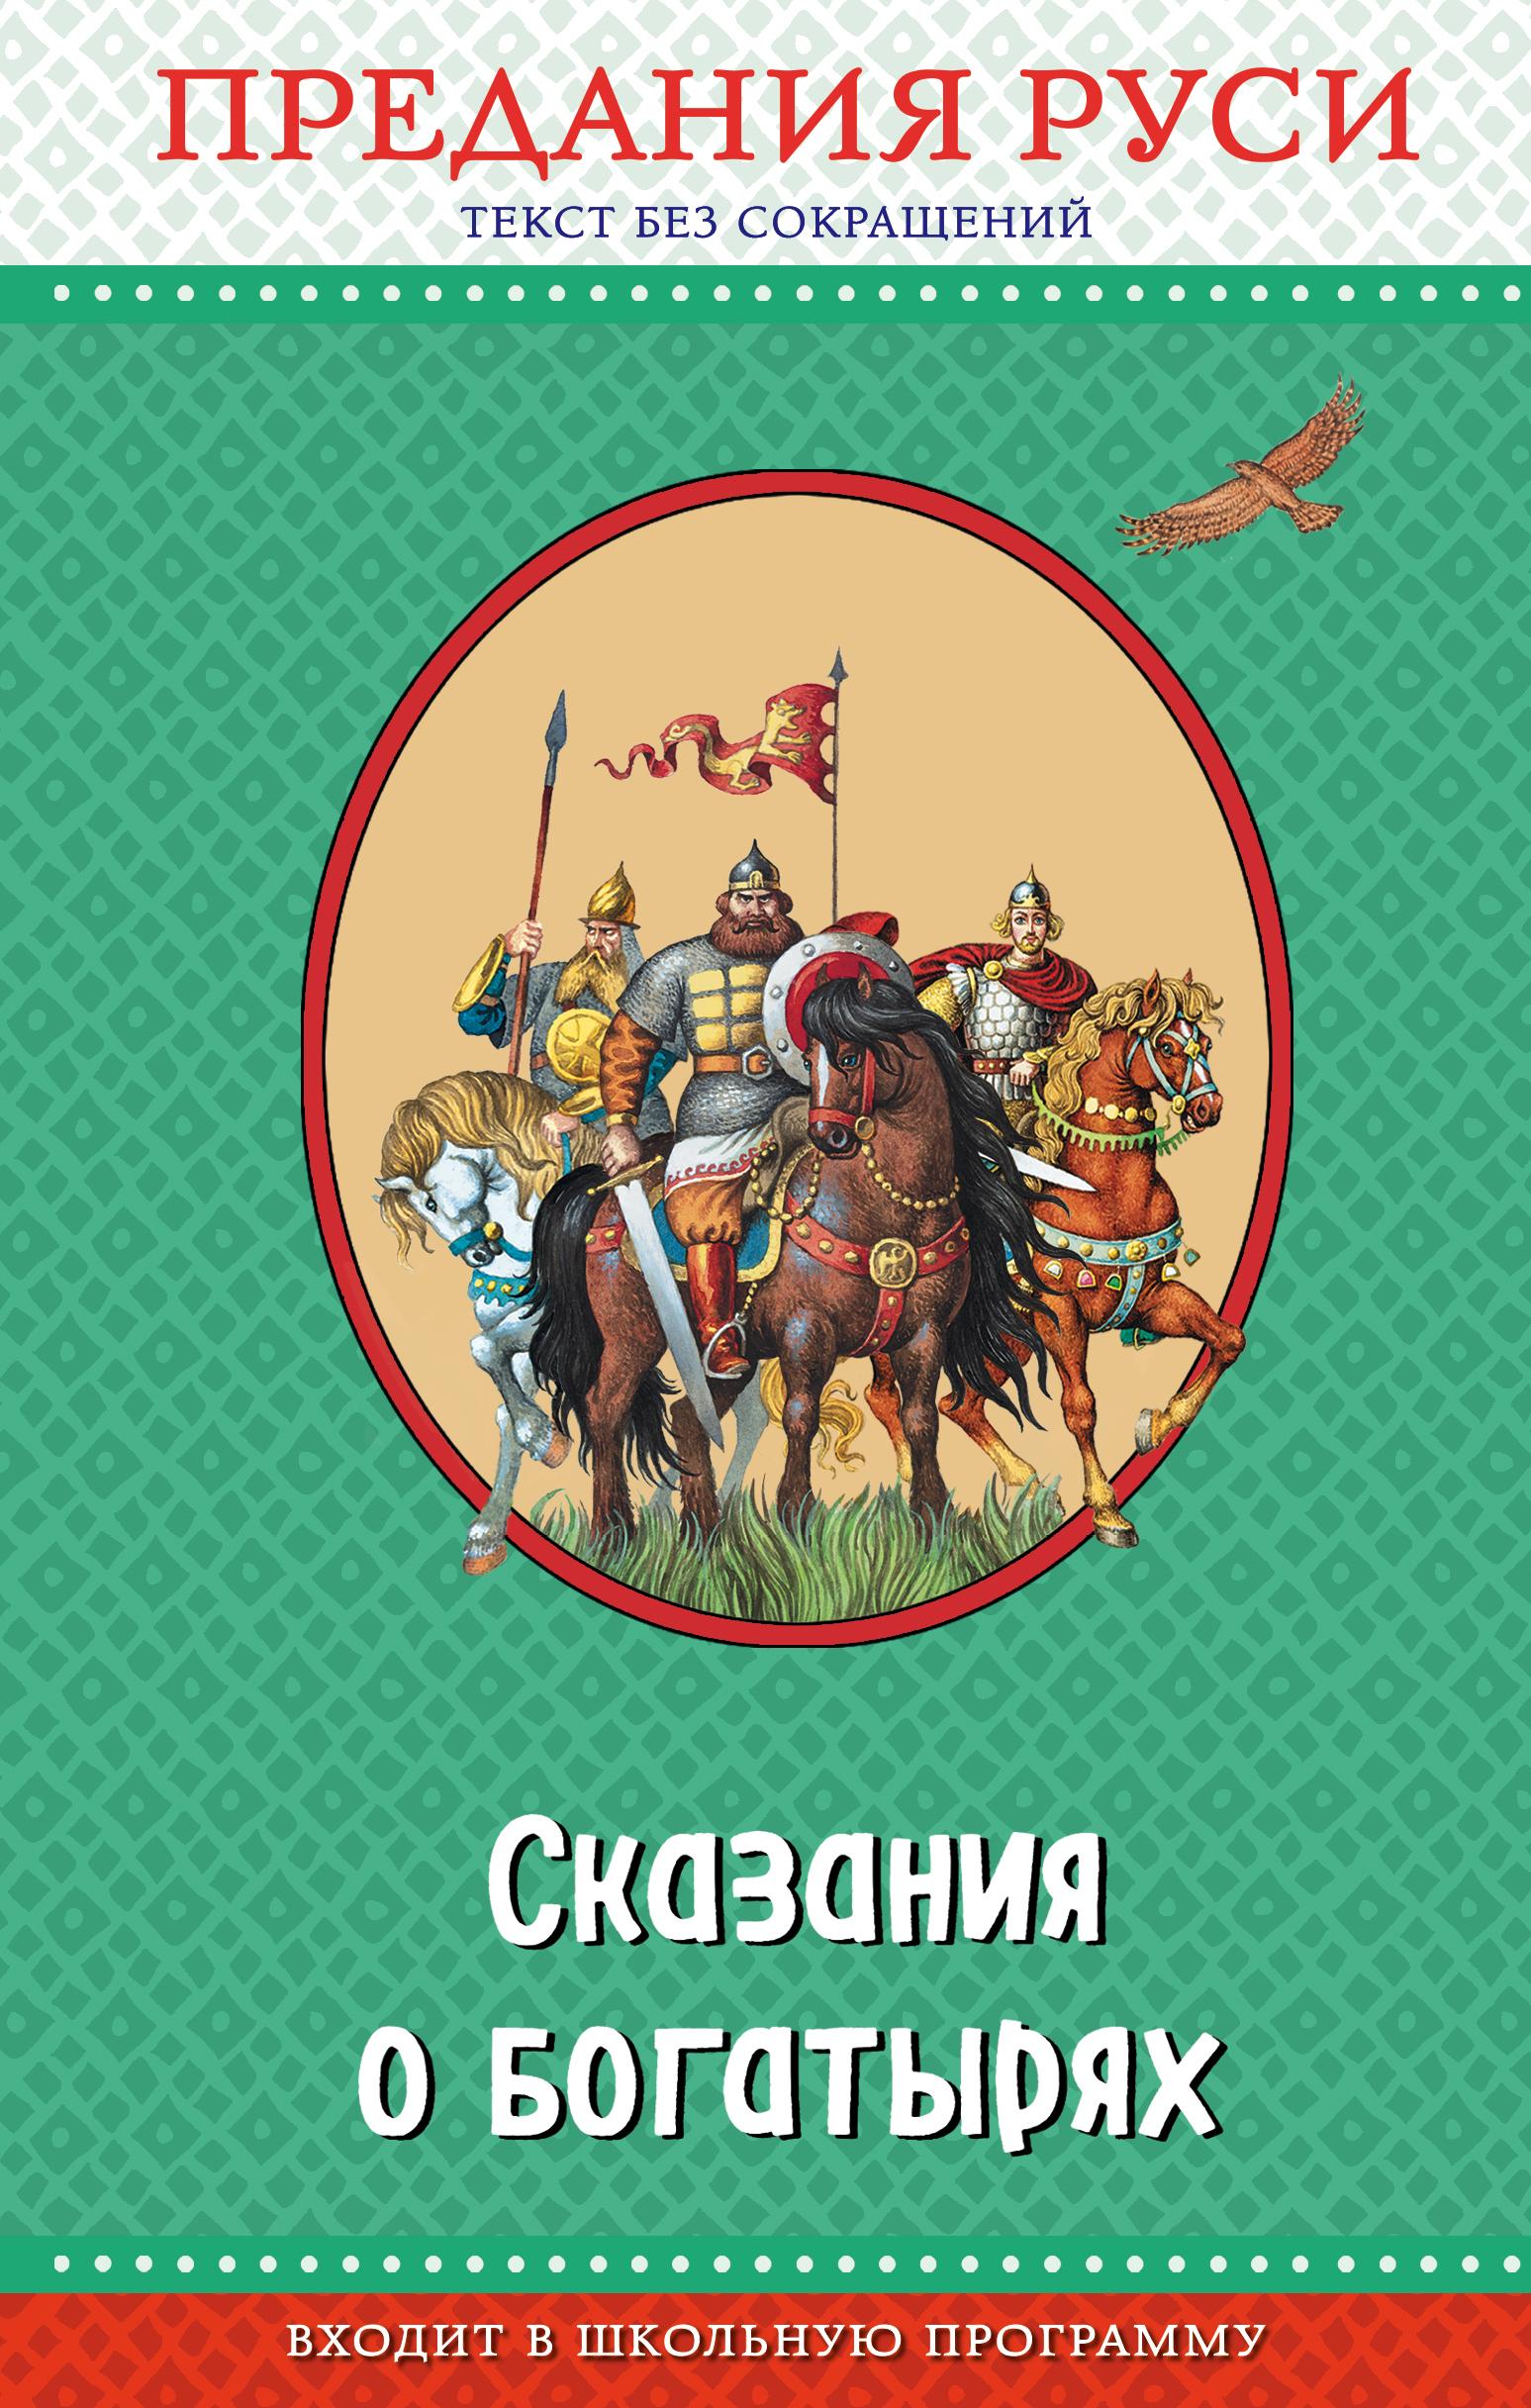 цены на Народное творчество Сказания о богатырях. Предания Руси